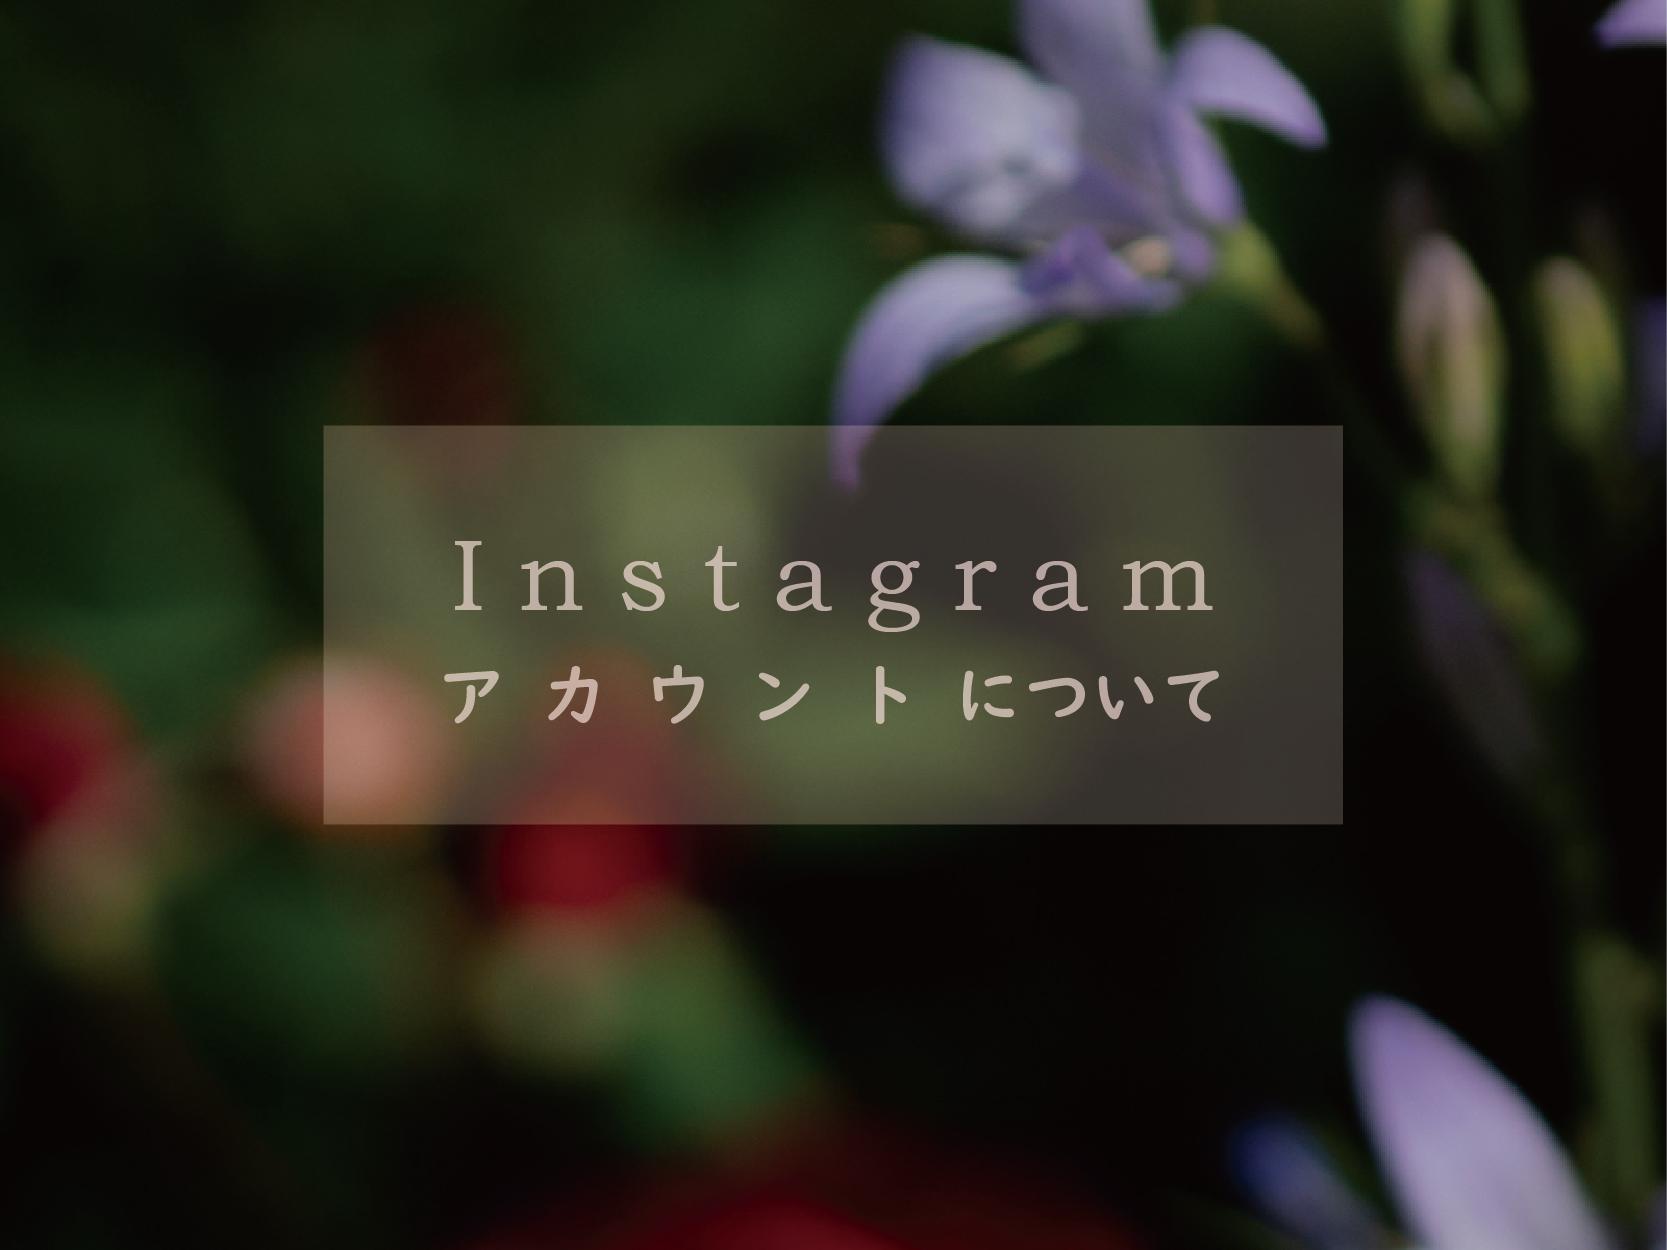 【お知らせ】Instagramアカウントについて